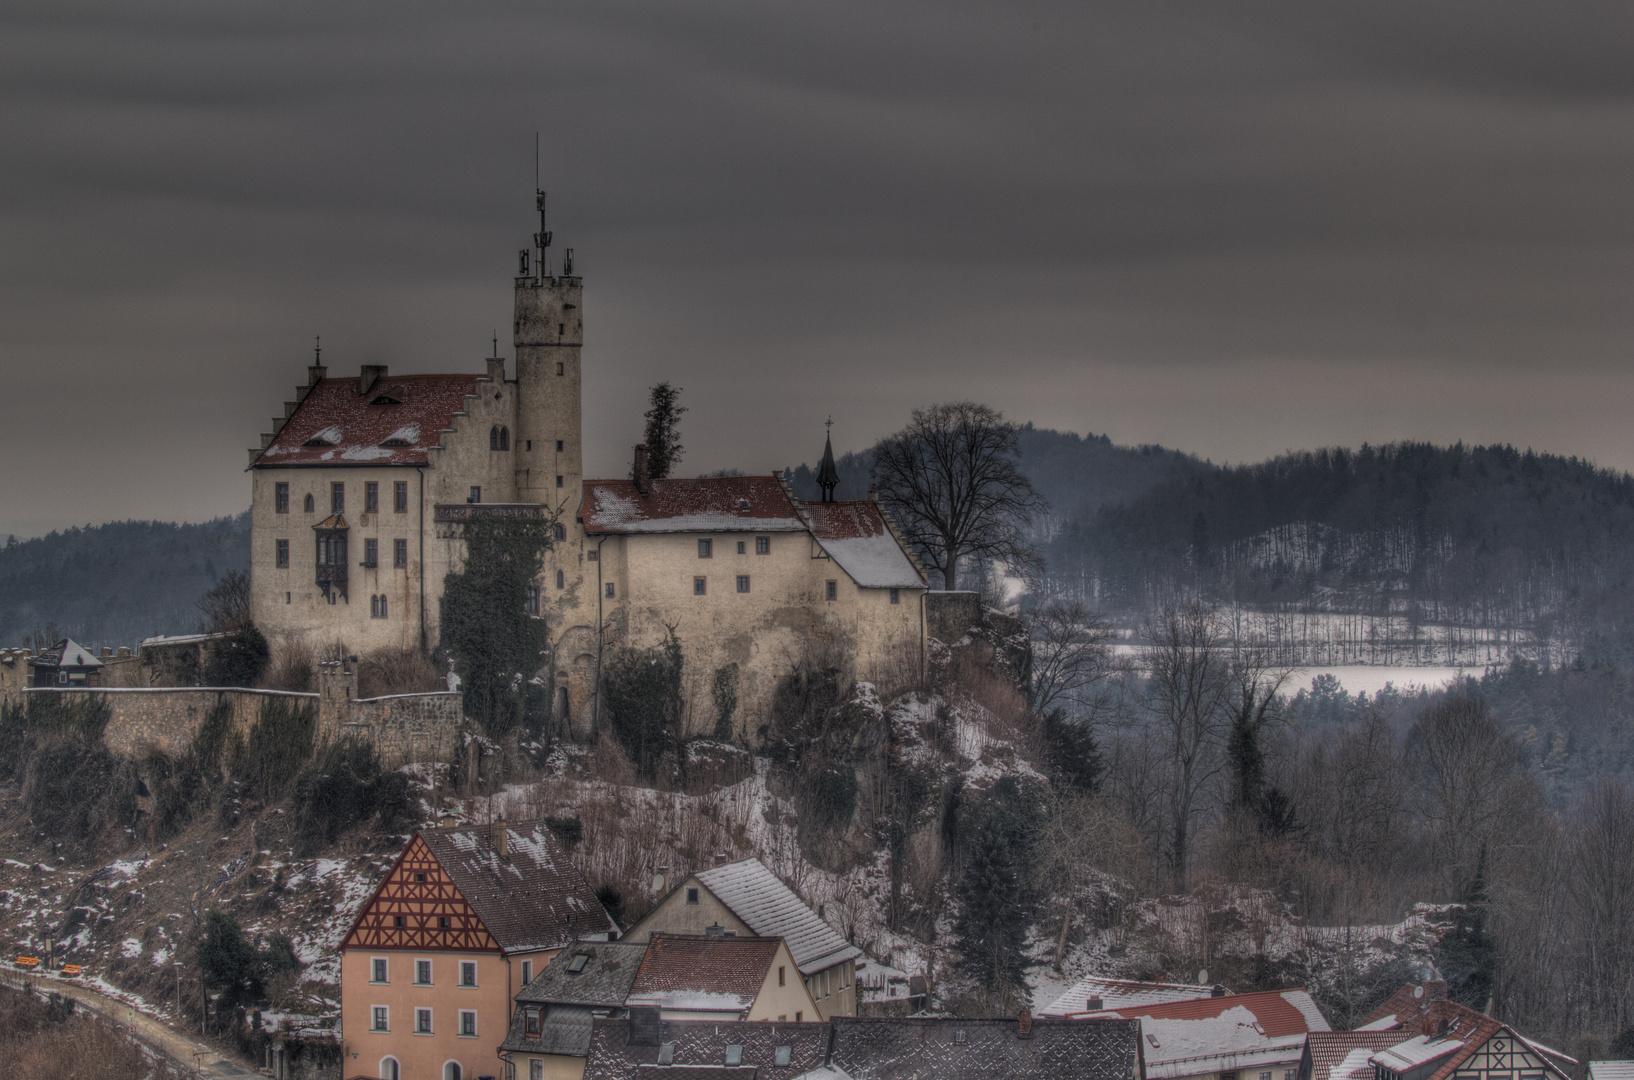 Burg Gößweinstein Winterimpressionen 2012 (1) HDR